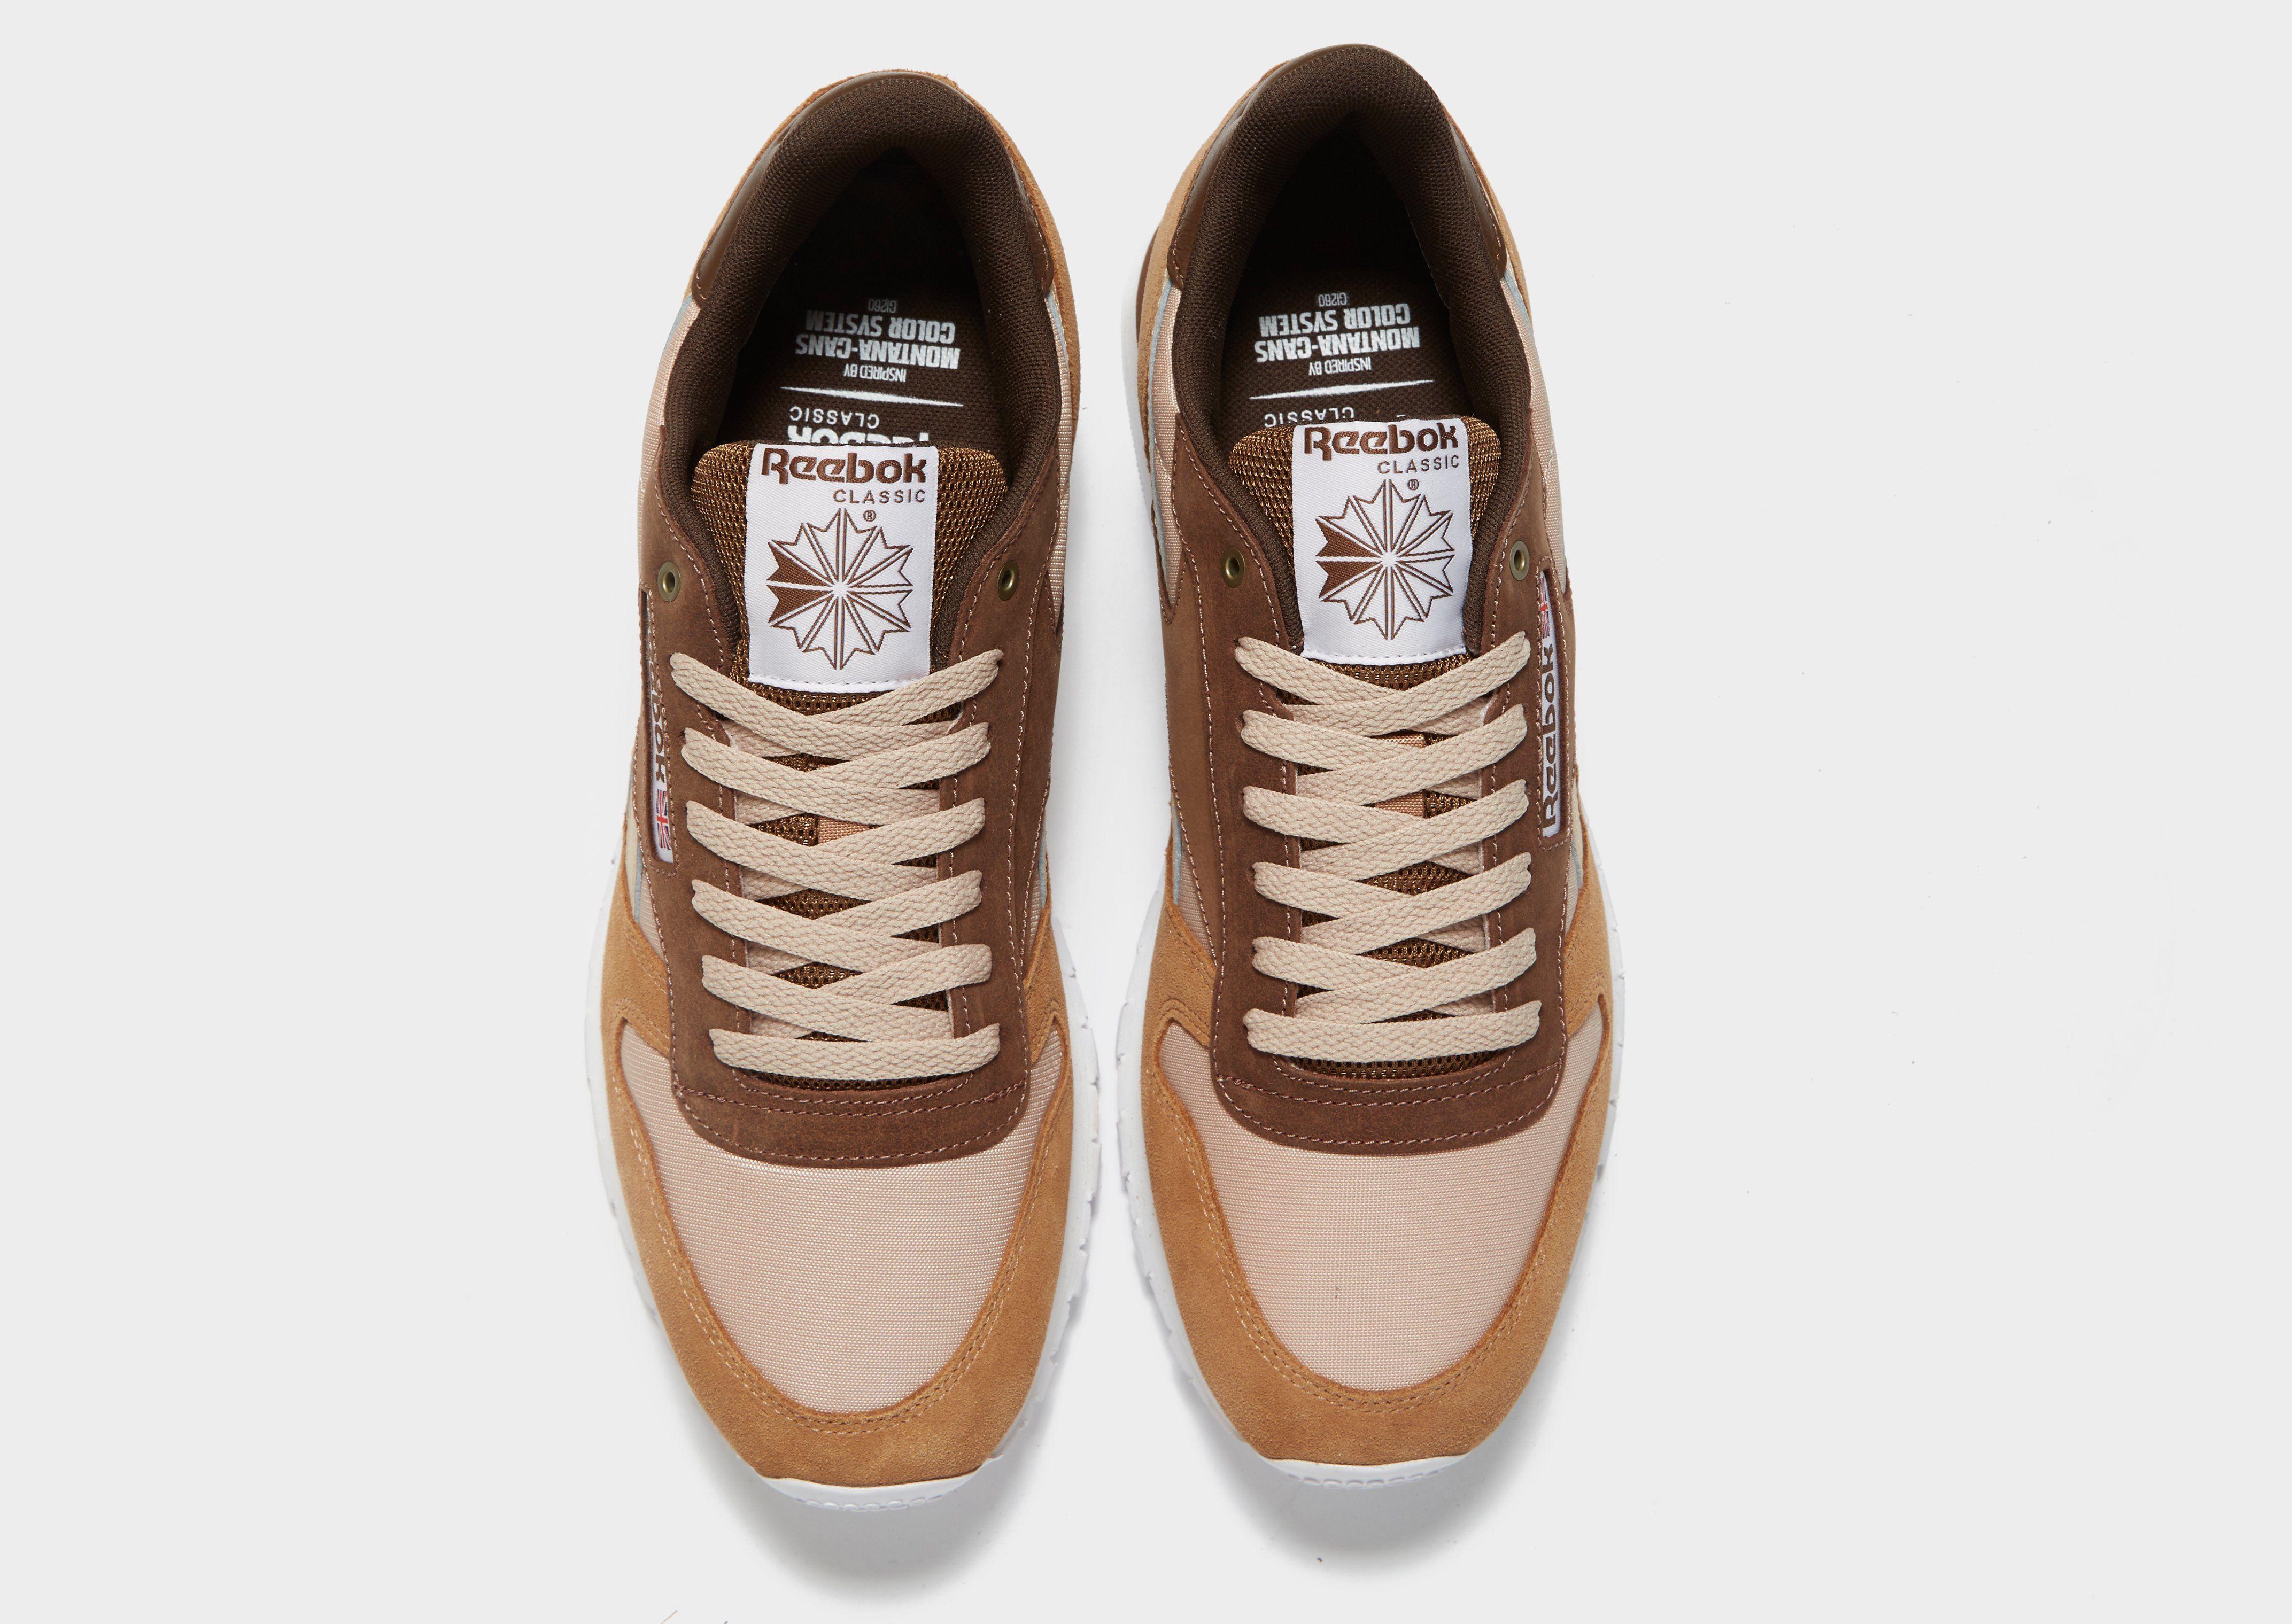 Gutes Verkauf Günstig Online Auslass Der Billigsten Reebok Classic Leather MCC Braun Bestes Geschäft Zu Bekommen Online gQdYIaPY